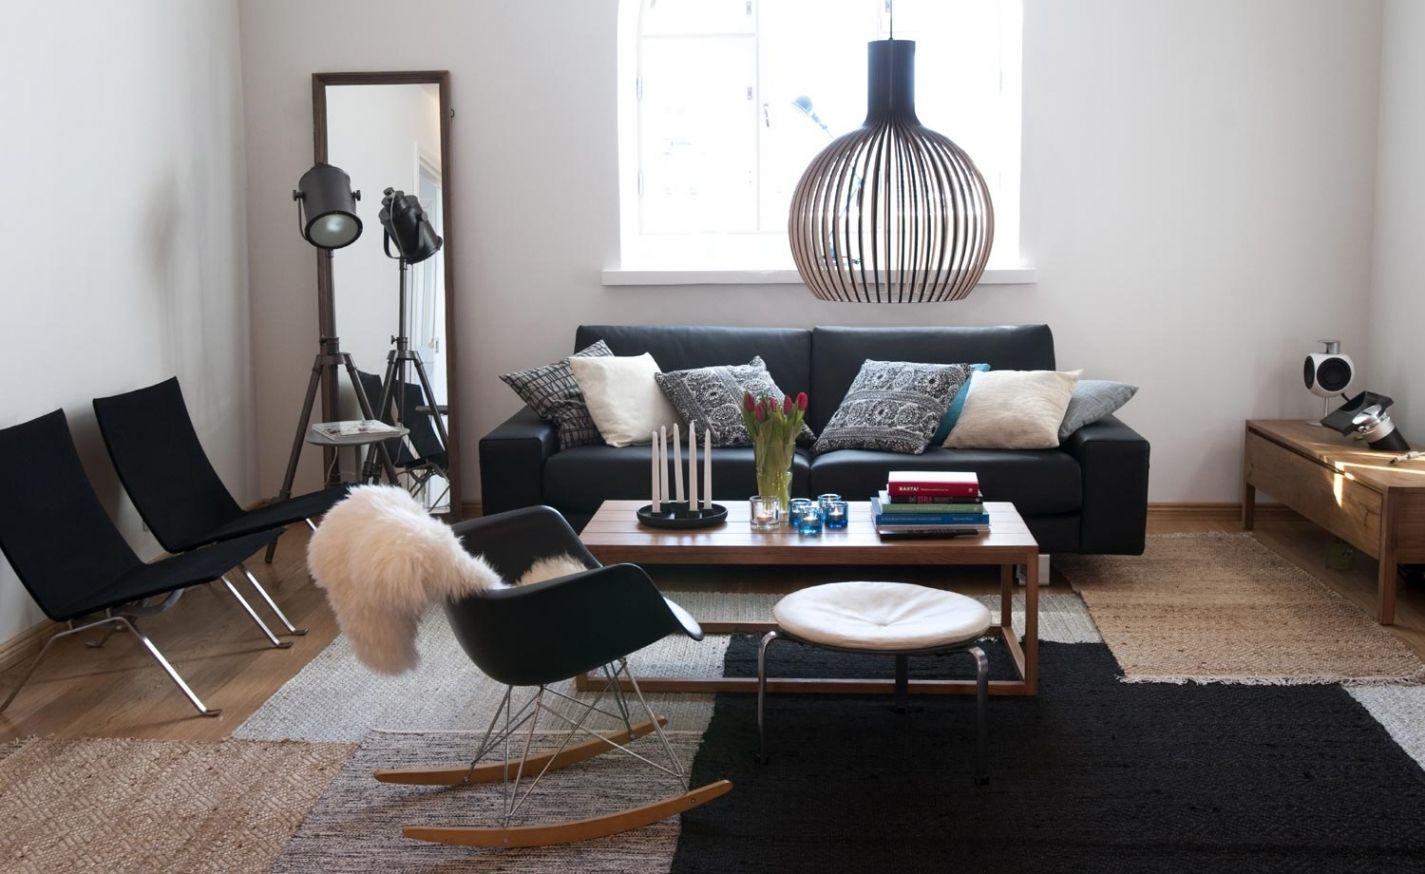 ehrfurchtiges gardine store wohnzimmer seite bild oder eebfcbdbd